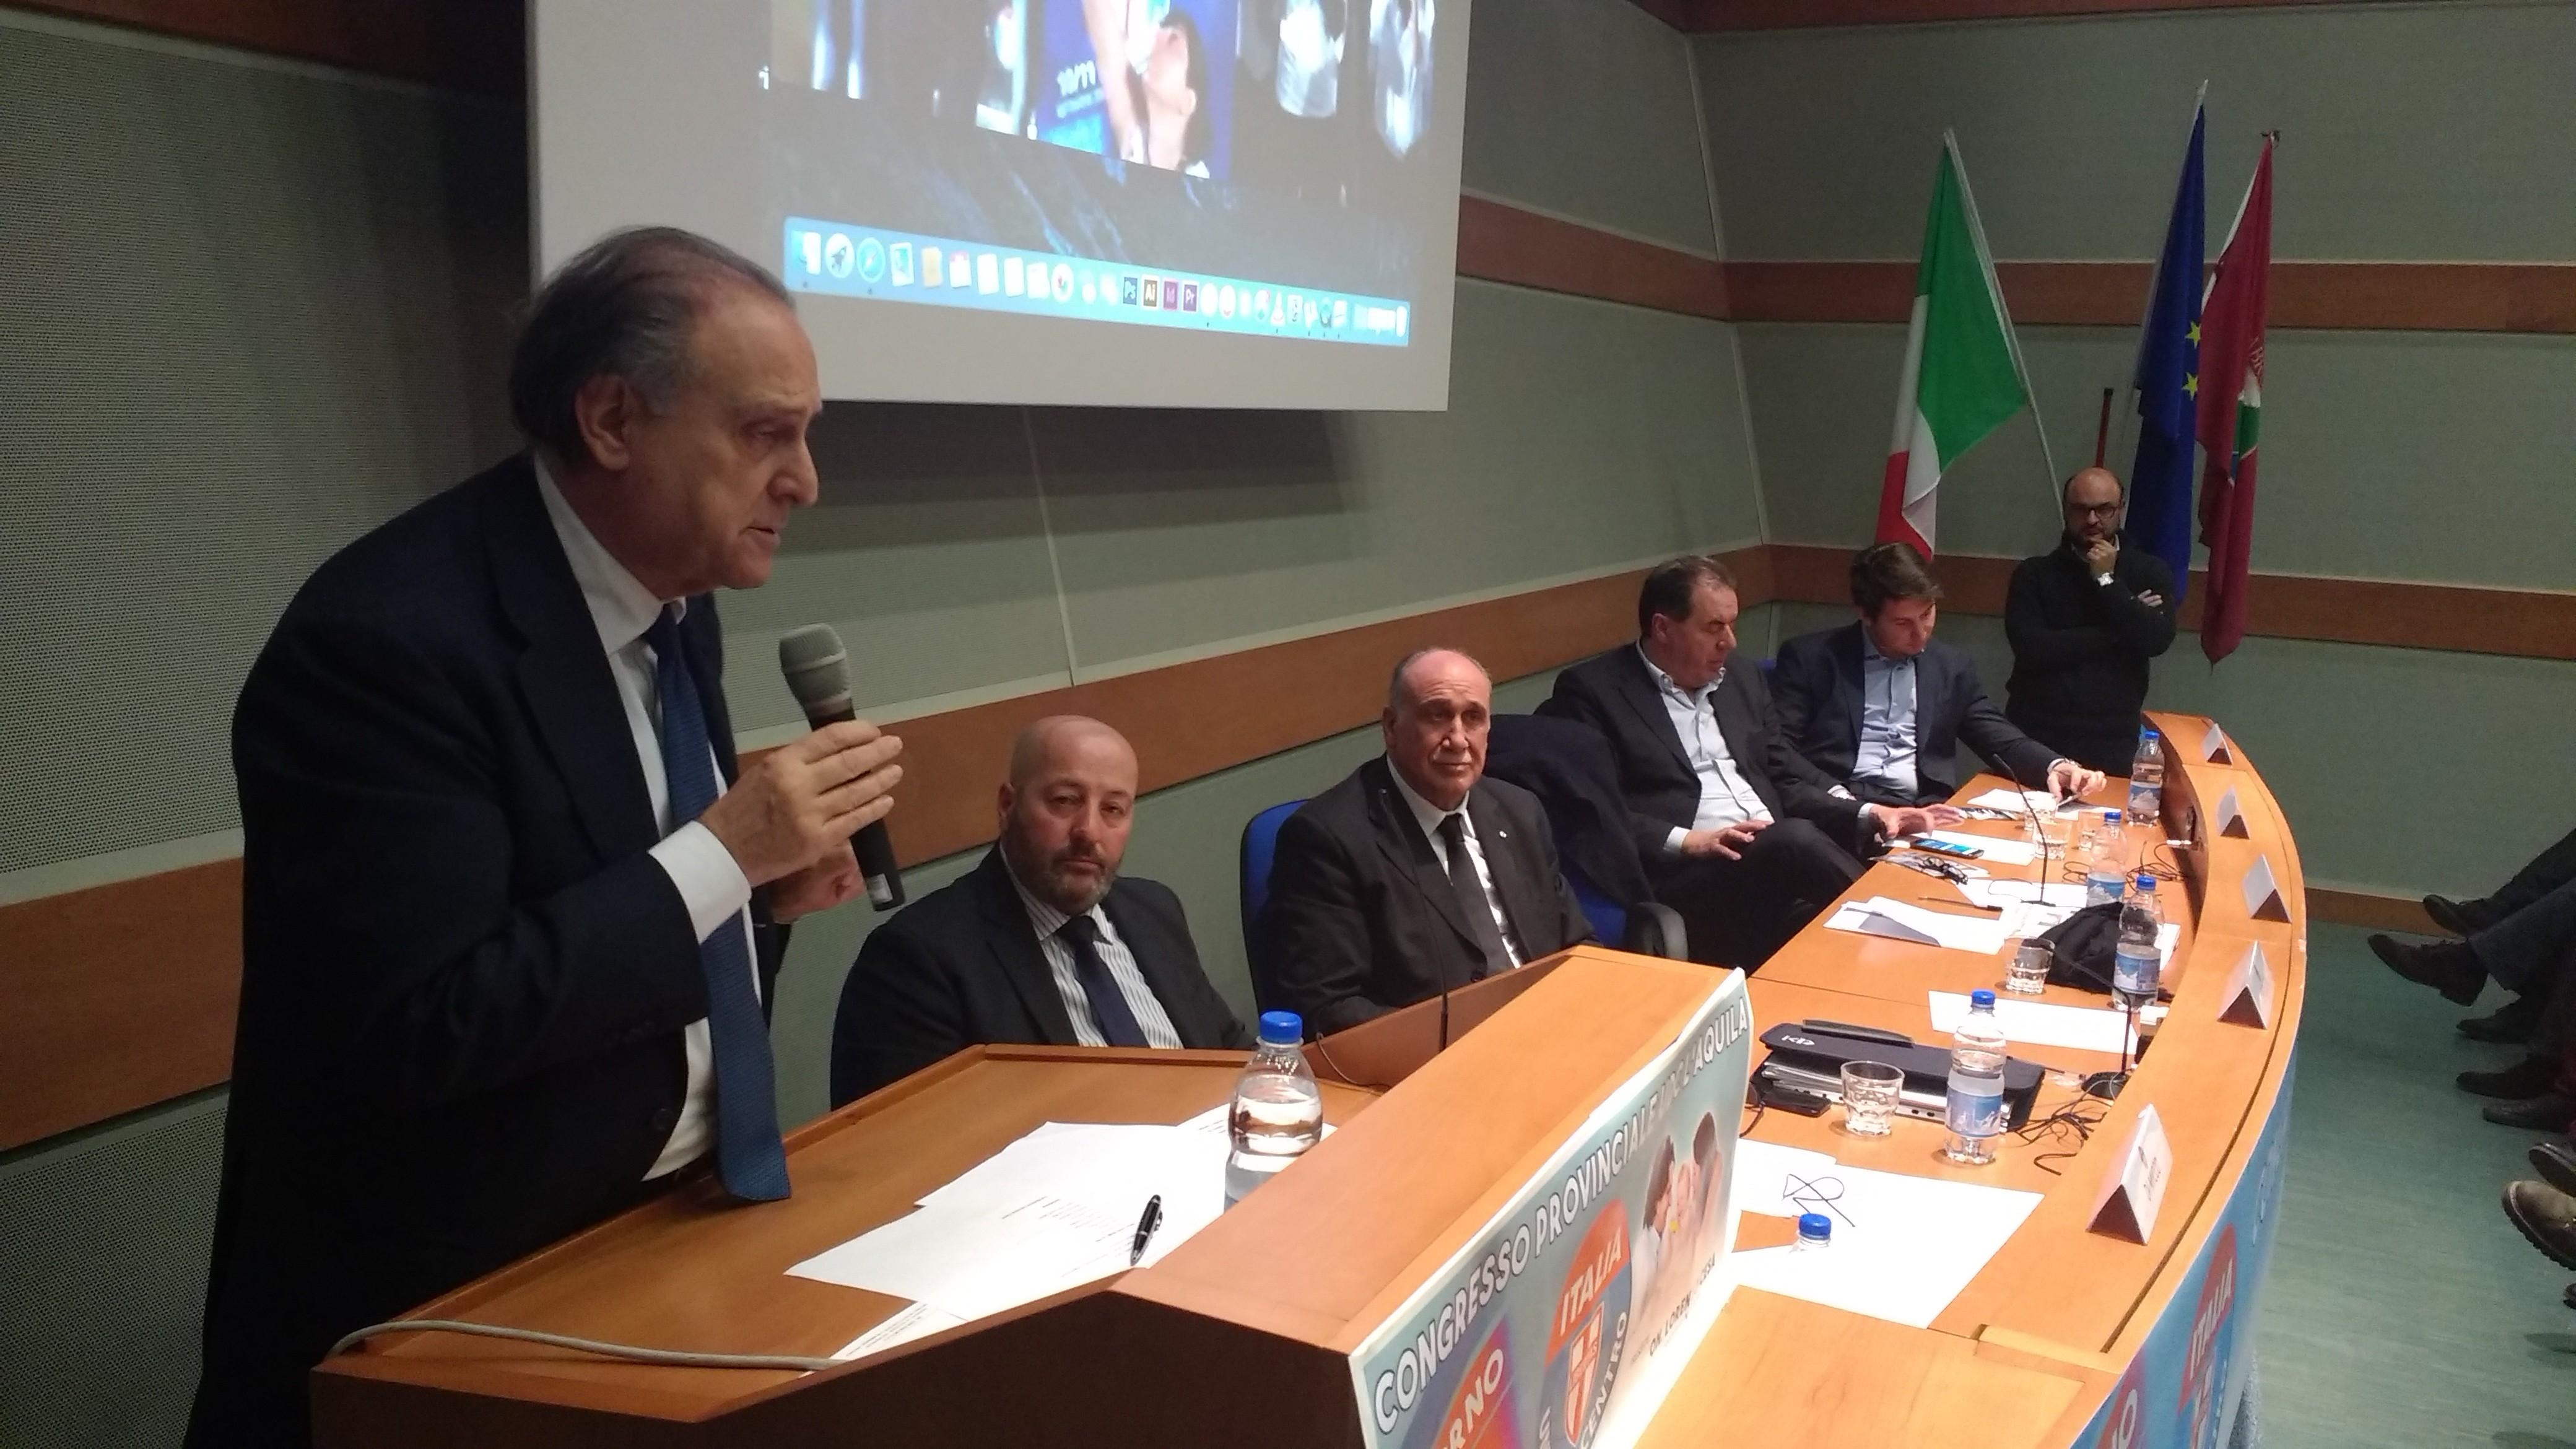 """L'Udc contro De Angelis: """"Politico errante. Ostaggio di Piccone, Gerosolimo e Di Stefano"""""""